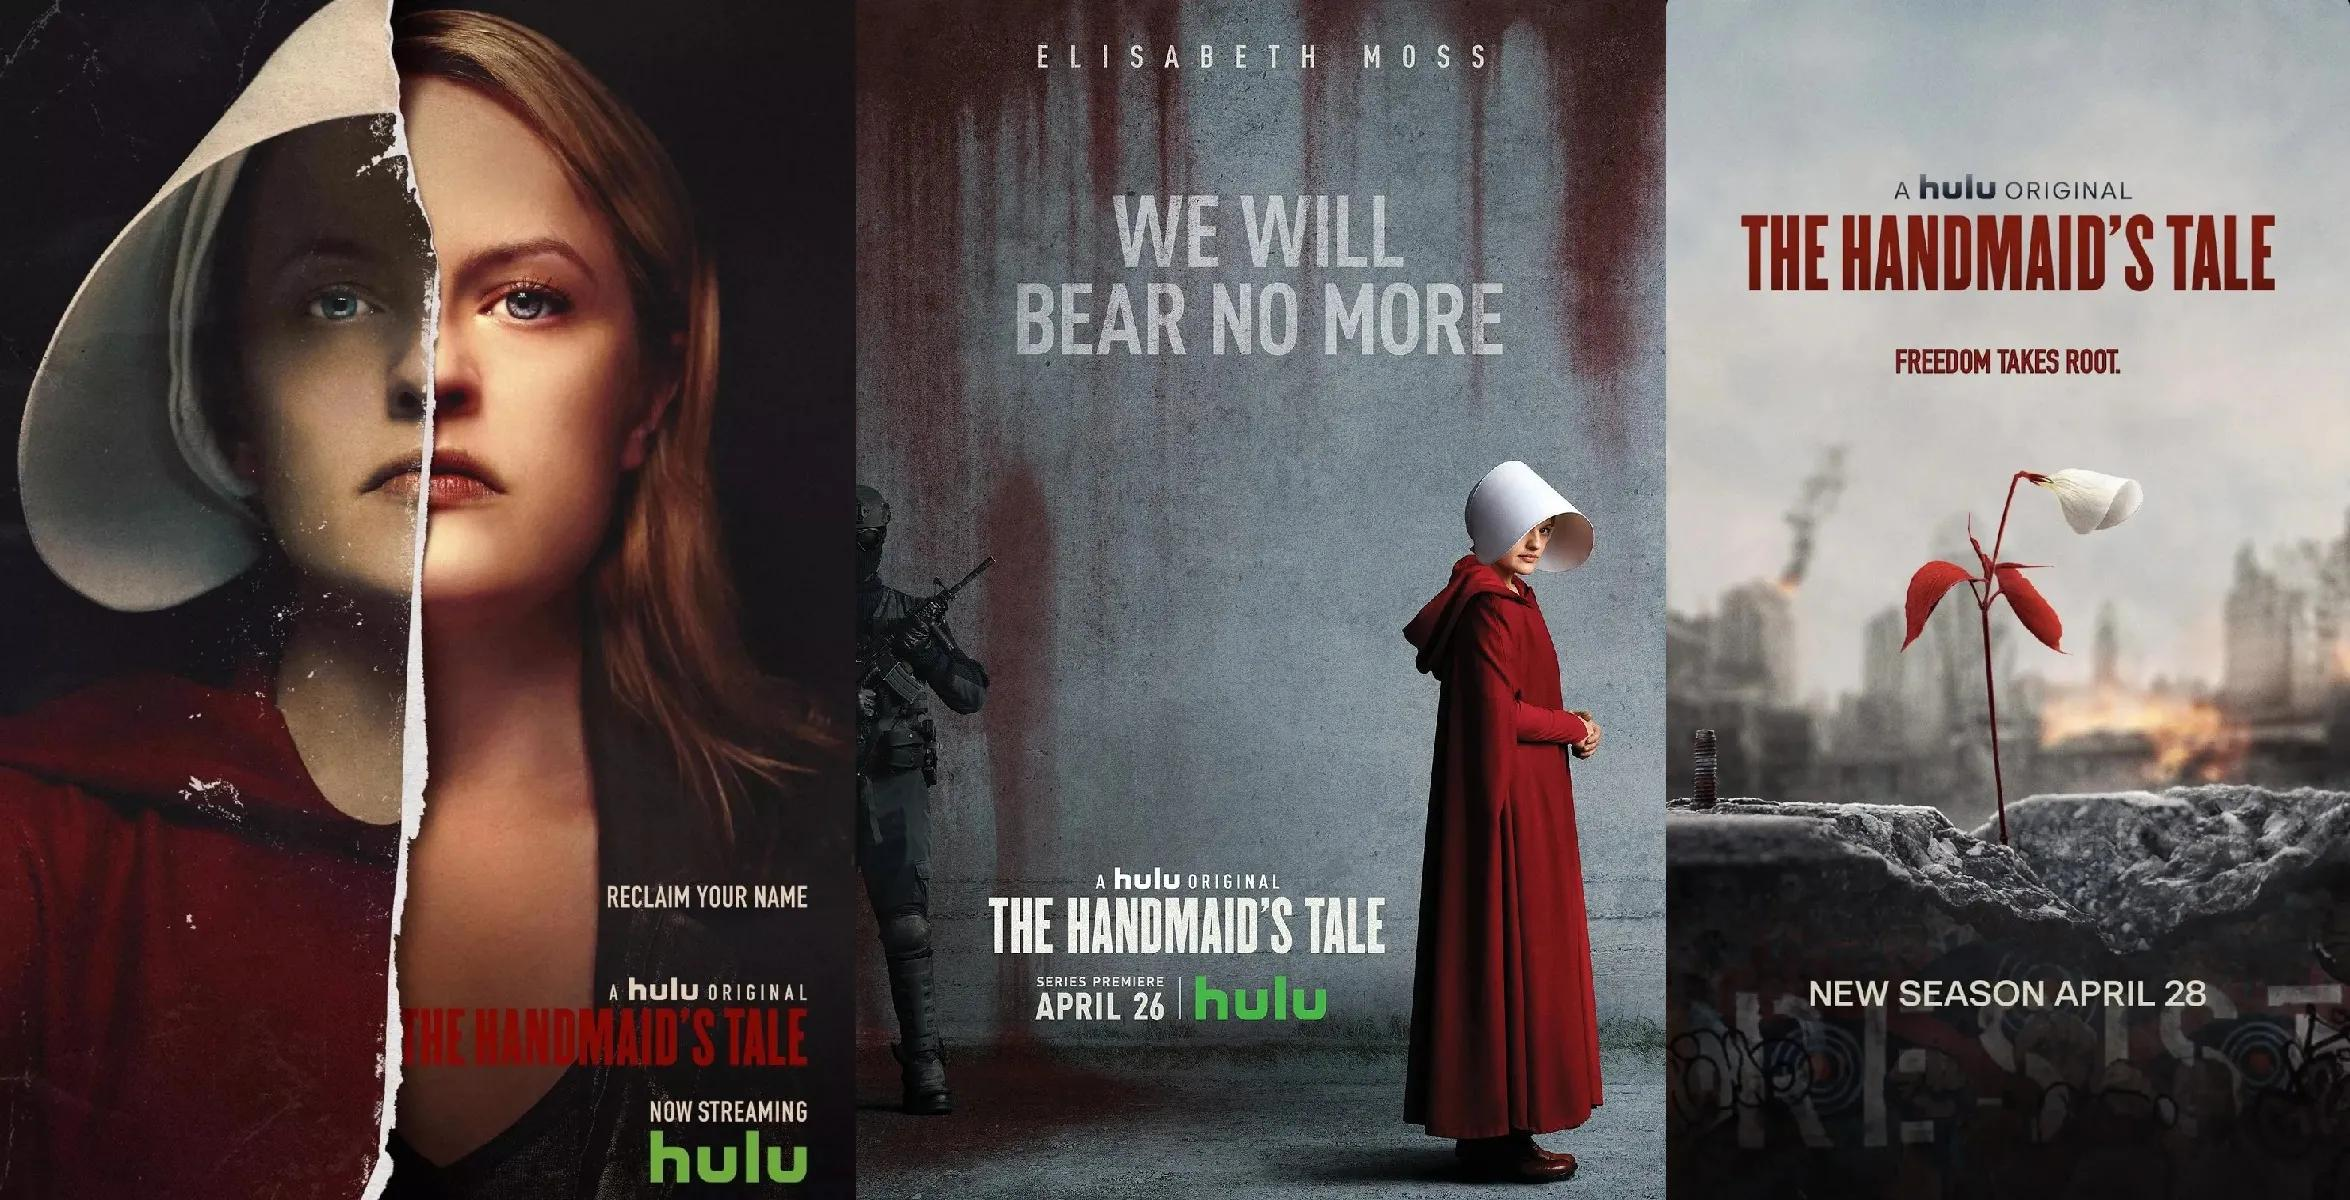 [使女的故事/The Handmaid's Tale]1-3季全集无删减 百度云高清下载图片 第1张